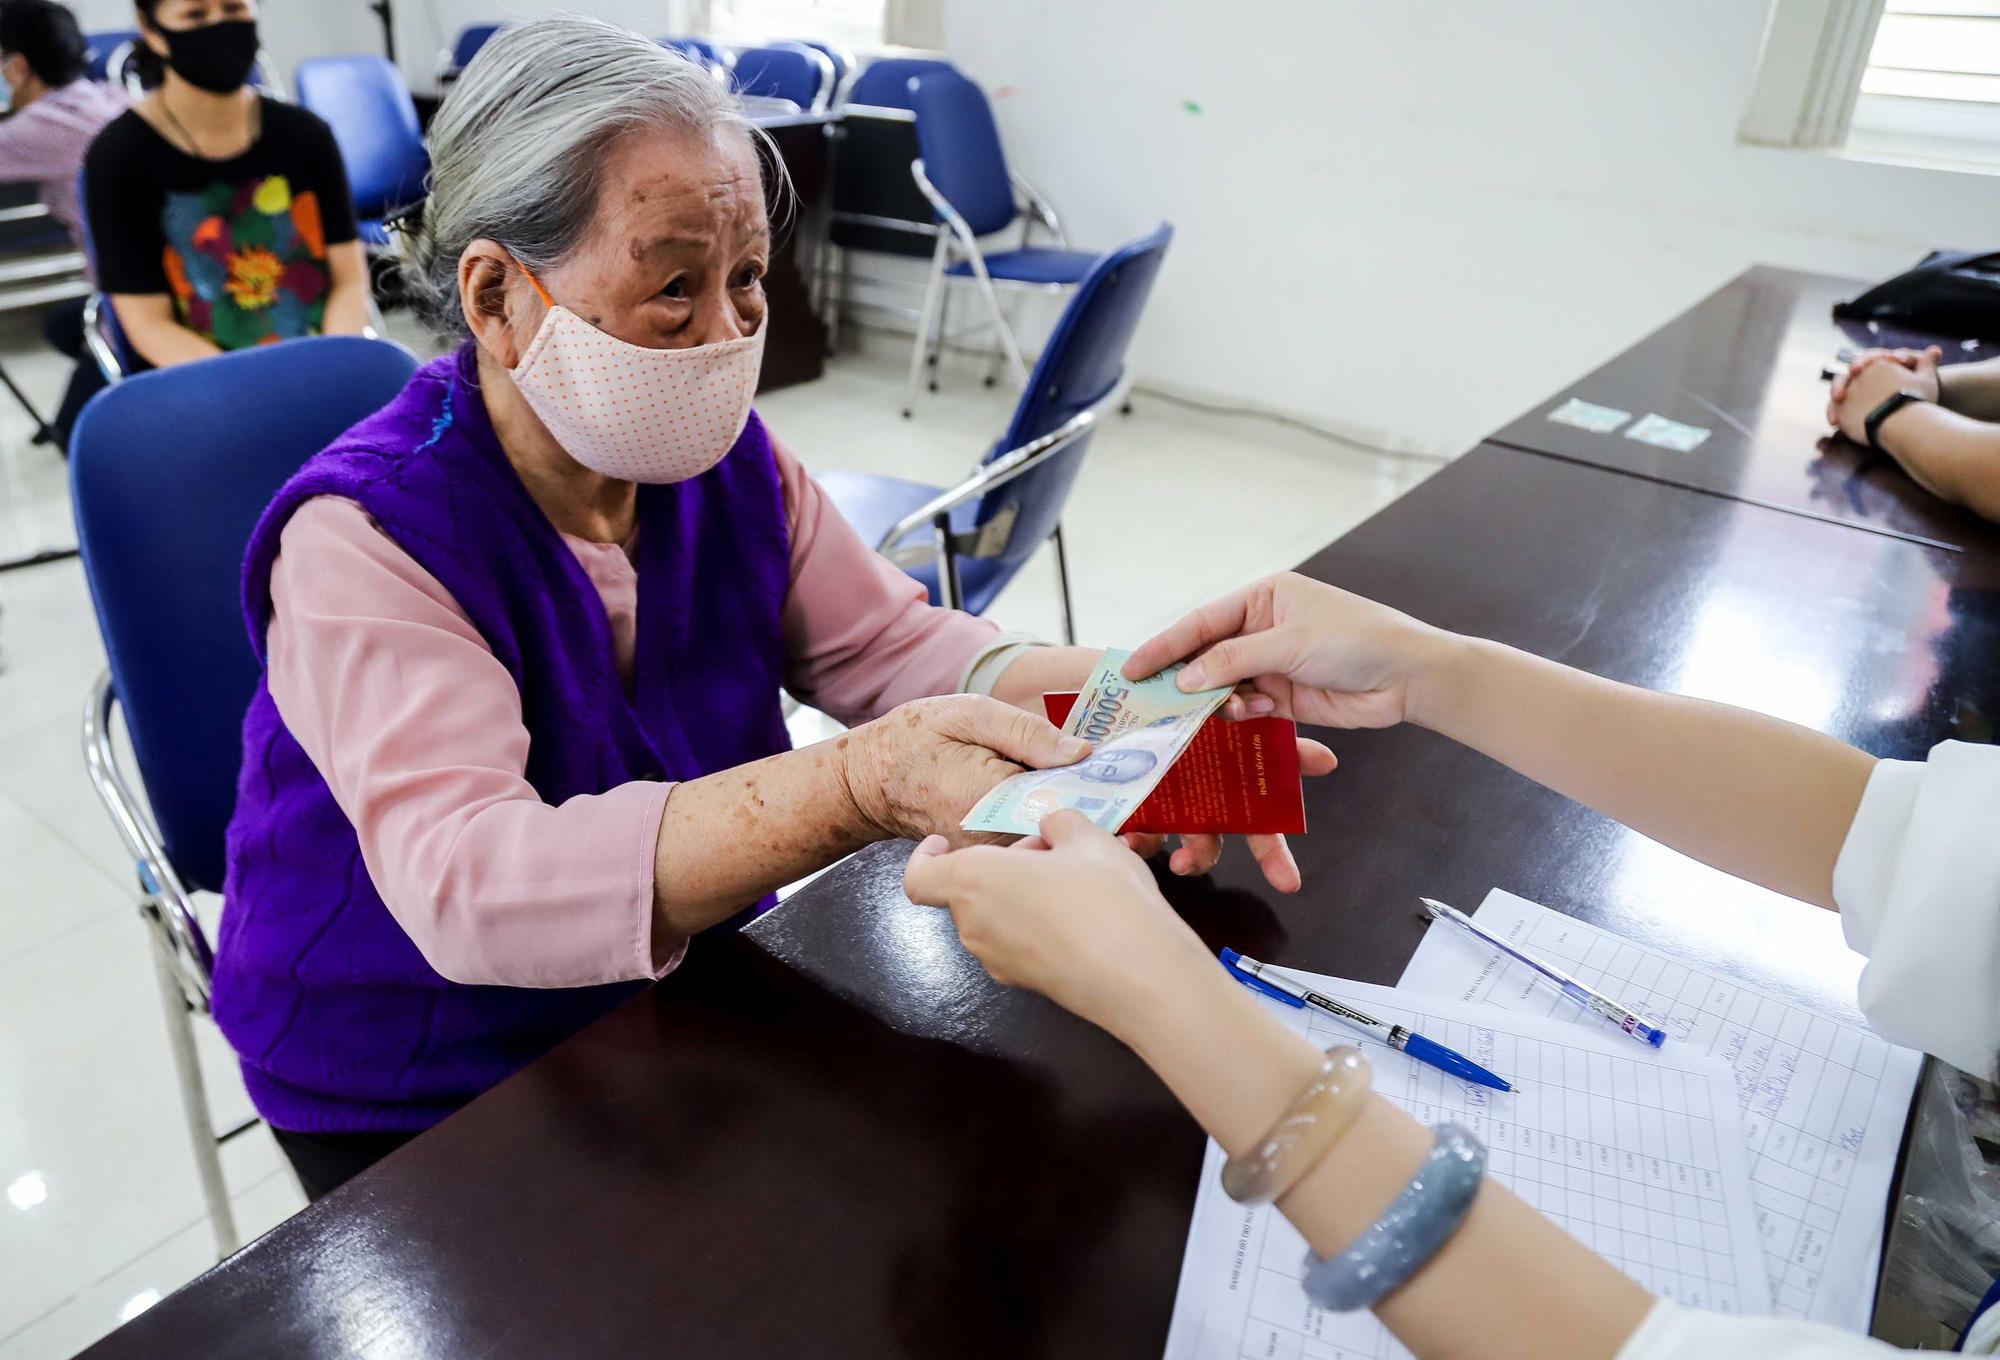 Quyết định về việc phê duyệt danh sách hỗ trợ người thuộc hộ nghèo, hộ cận nghèo gặp khó khăn do đại dịch Covid-19 của huyện Krông Búk, tỉnh Đắk Lắk.